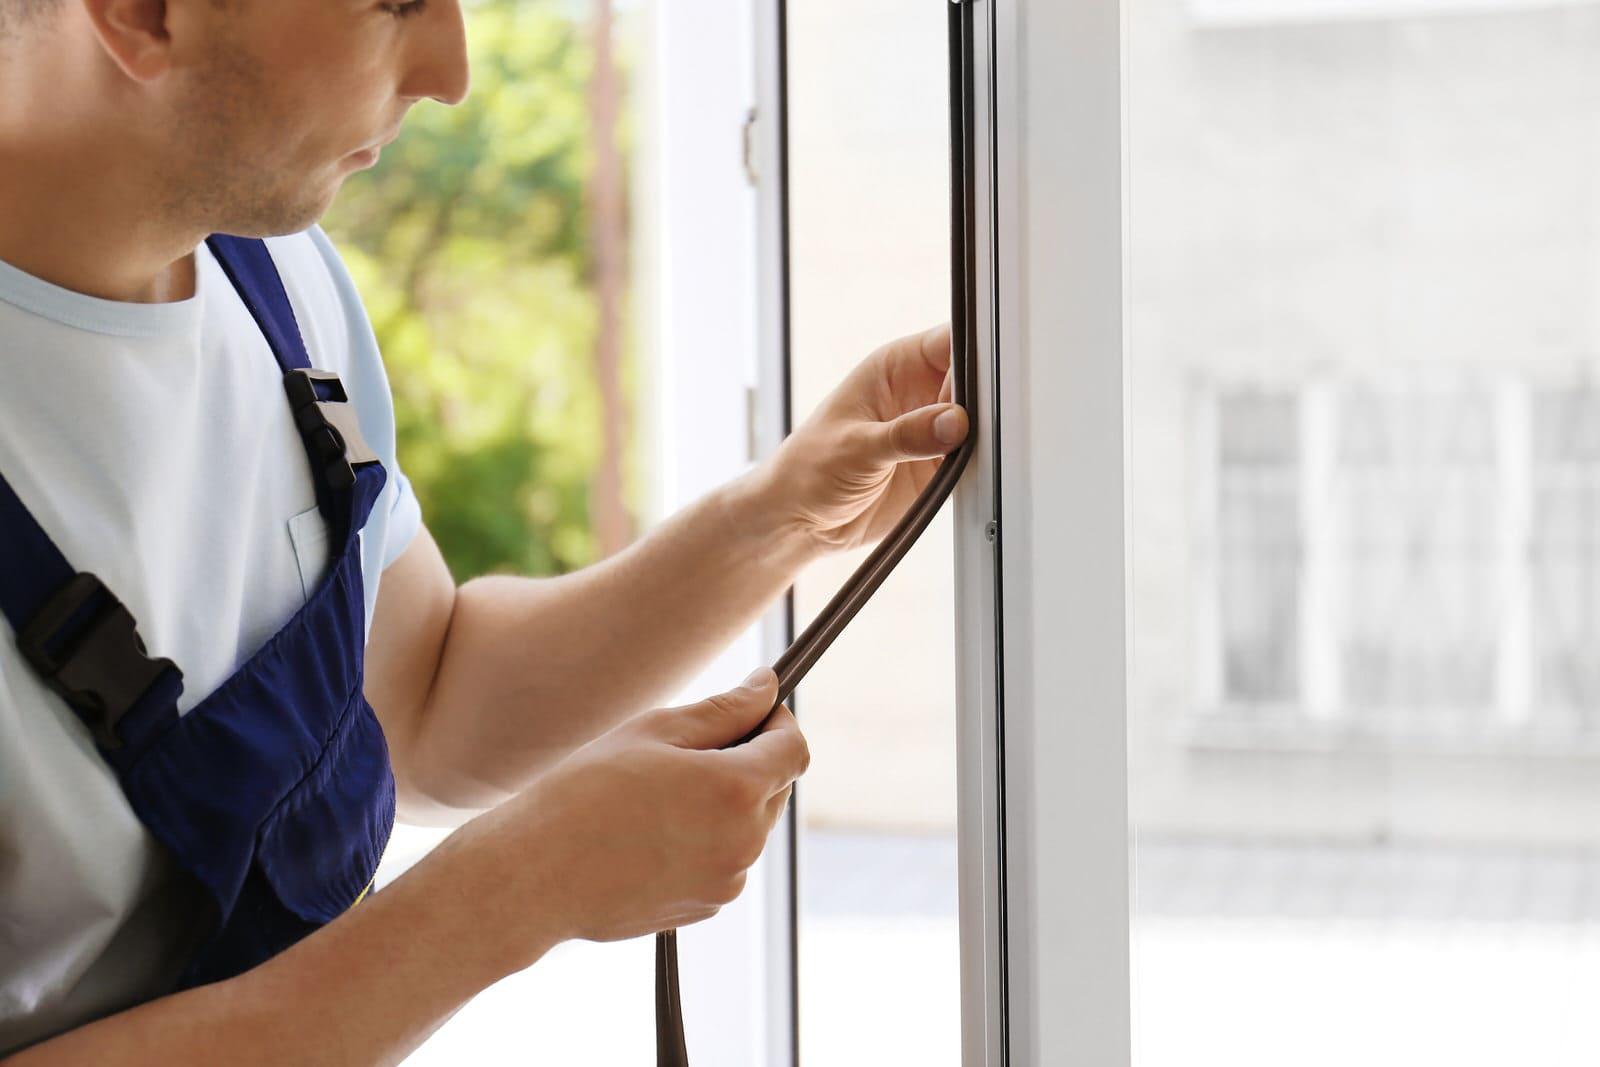 Full Size of Fensterdichtungen Erneuern Welche Kosten Fallen An Heimhelden Fenster Bad Wohnzimmer Fensterfugen Erneuern